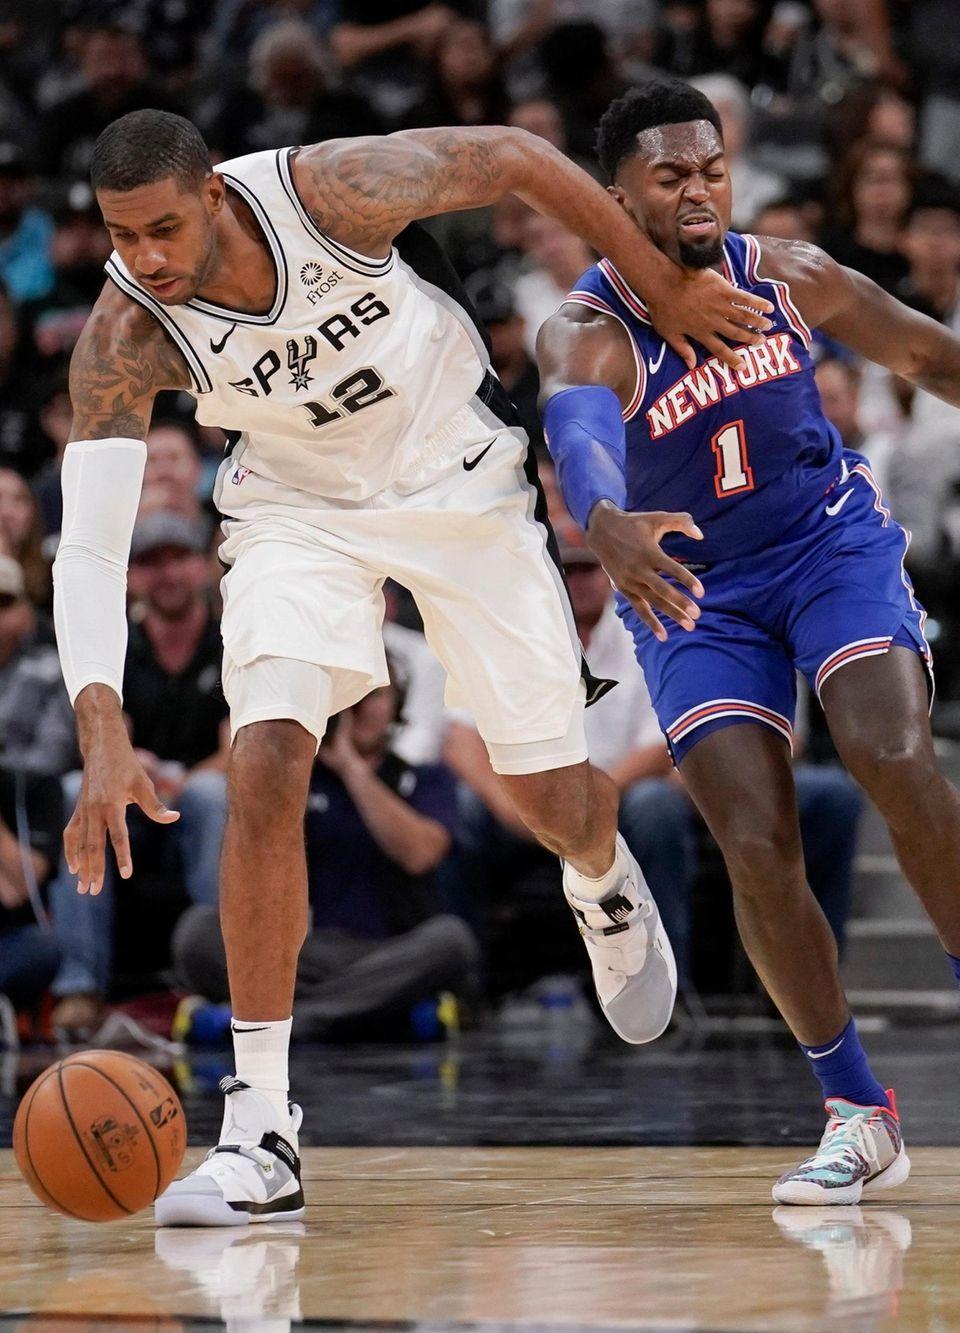 The San Antonio Spurs' LaMarcus Aldridge tangles with